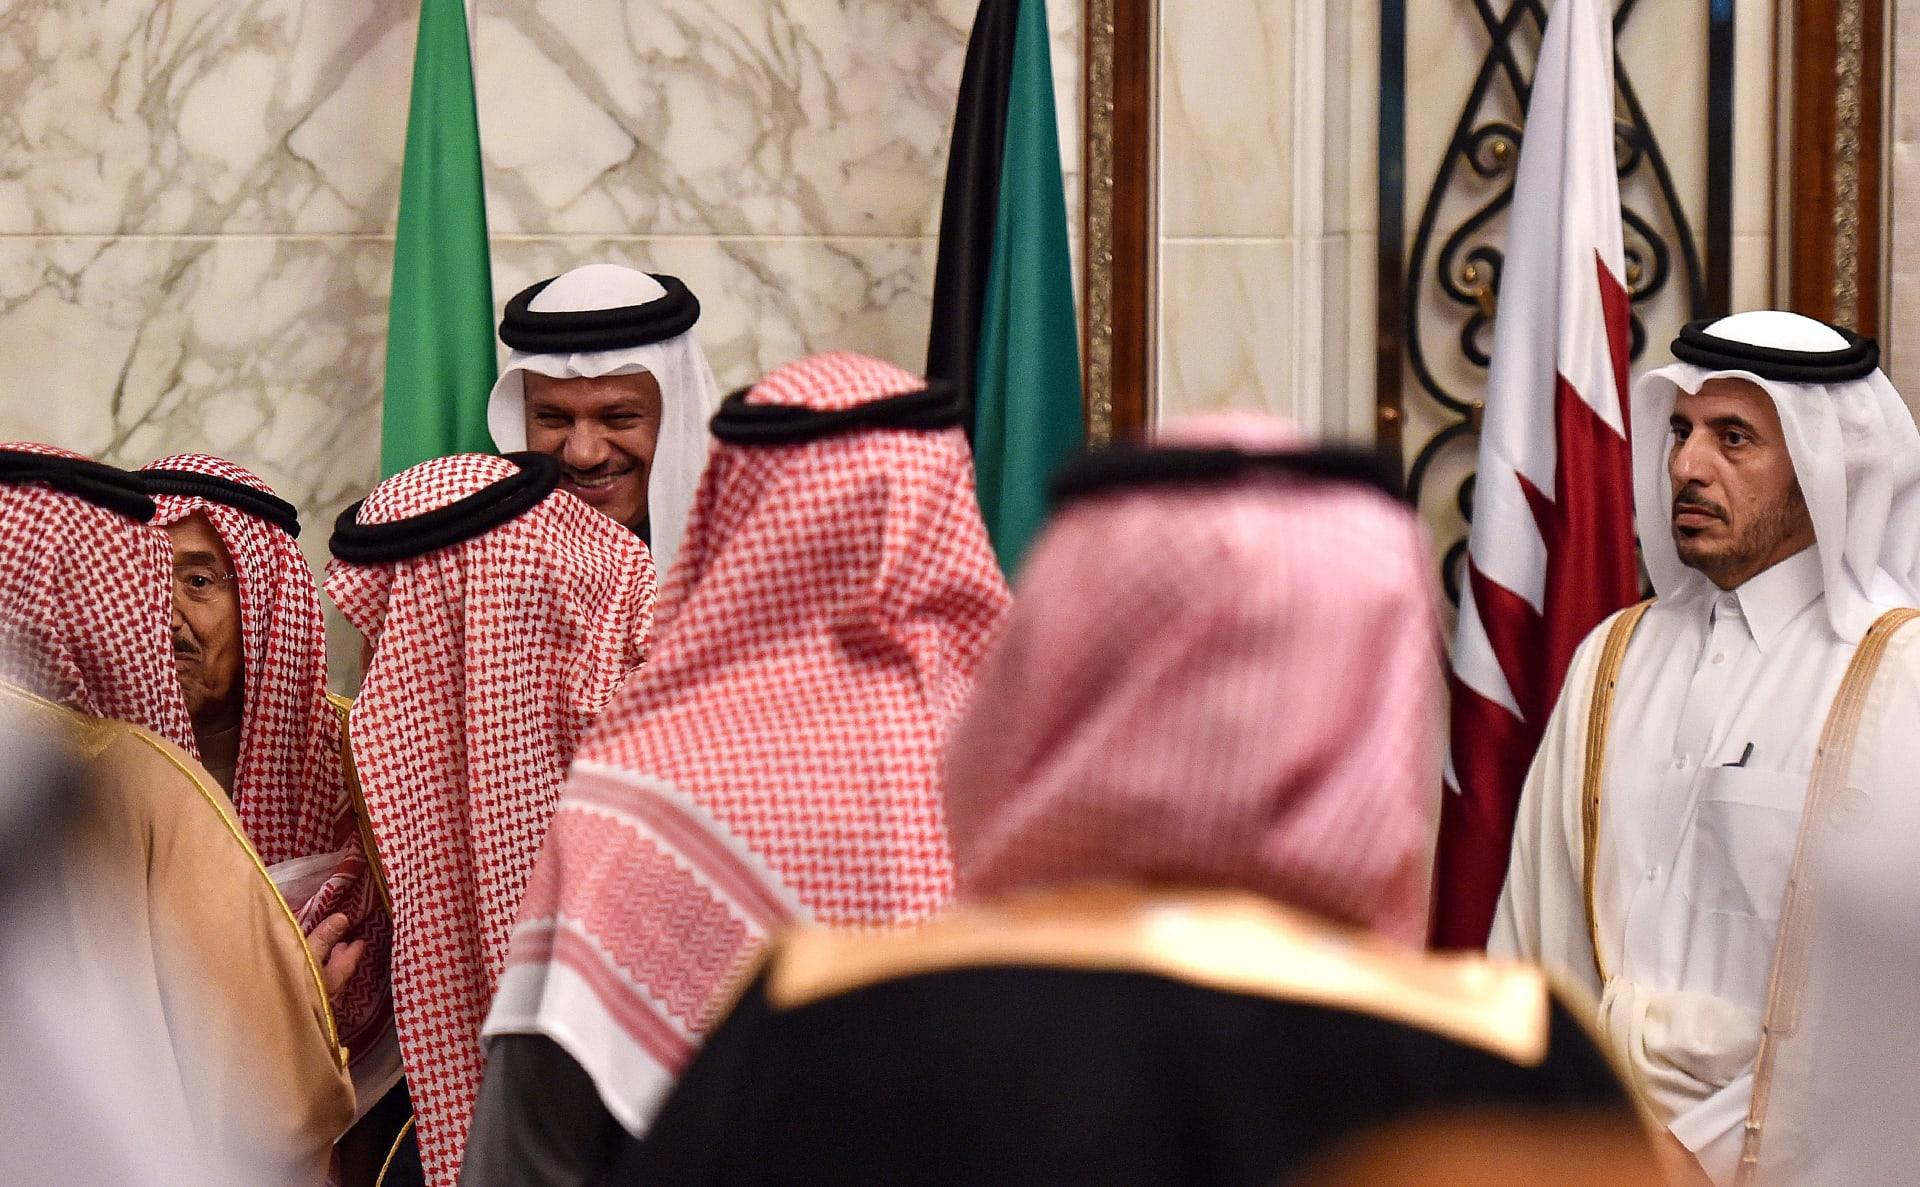 """تزامنا مع جهود المصالحة الخليجية.. السديس يحذر من """"الخلاف"""": شر يؤدي للفساد"""